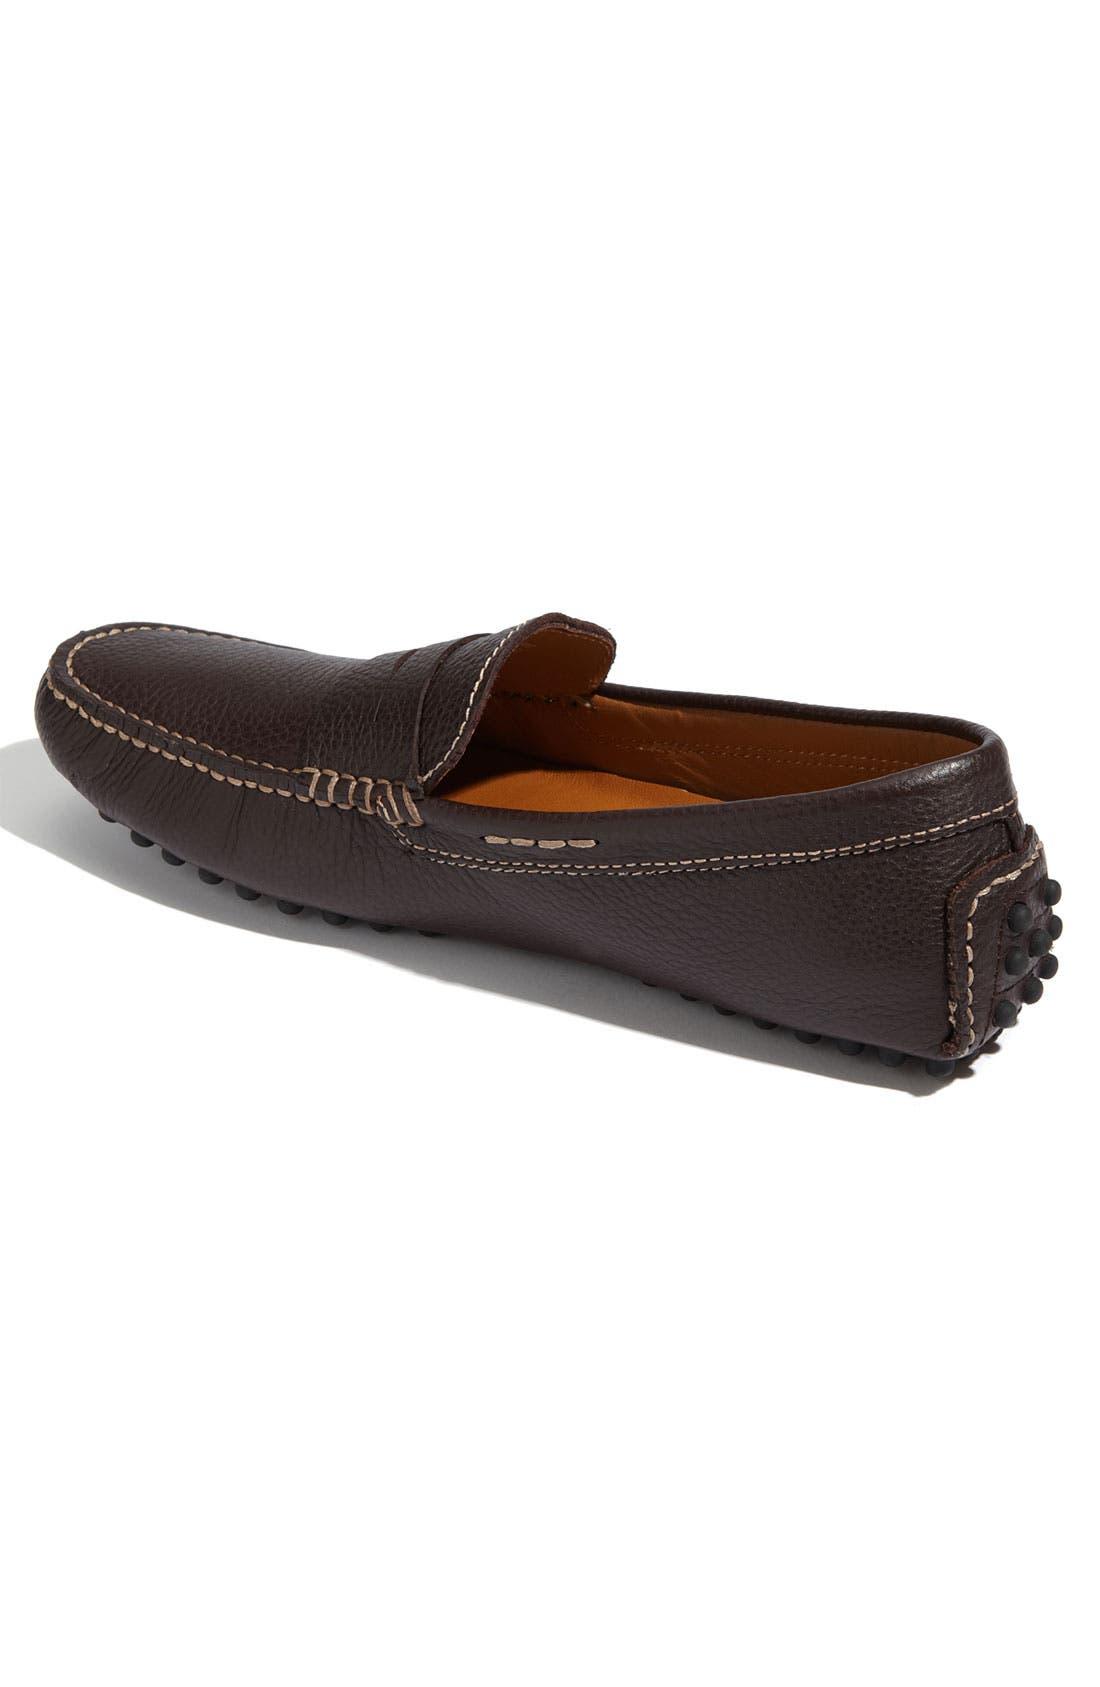 Alternate Image 2  - G Brown 'Tobago' Driving Shoe